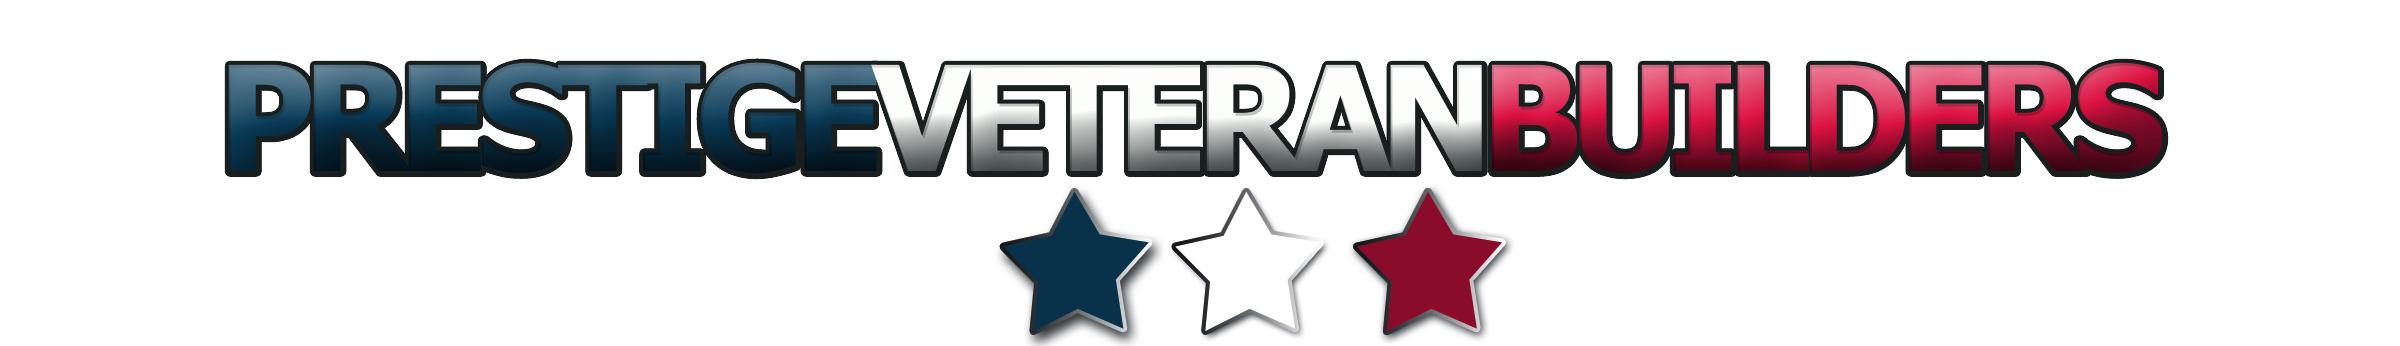 Prestige Veteran Builders Logo.jpg